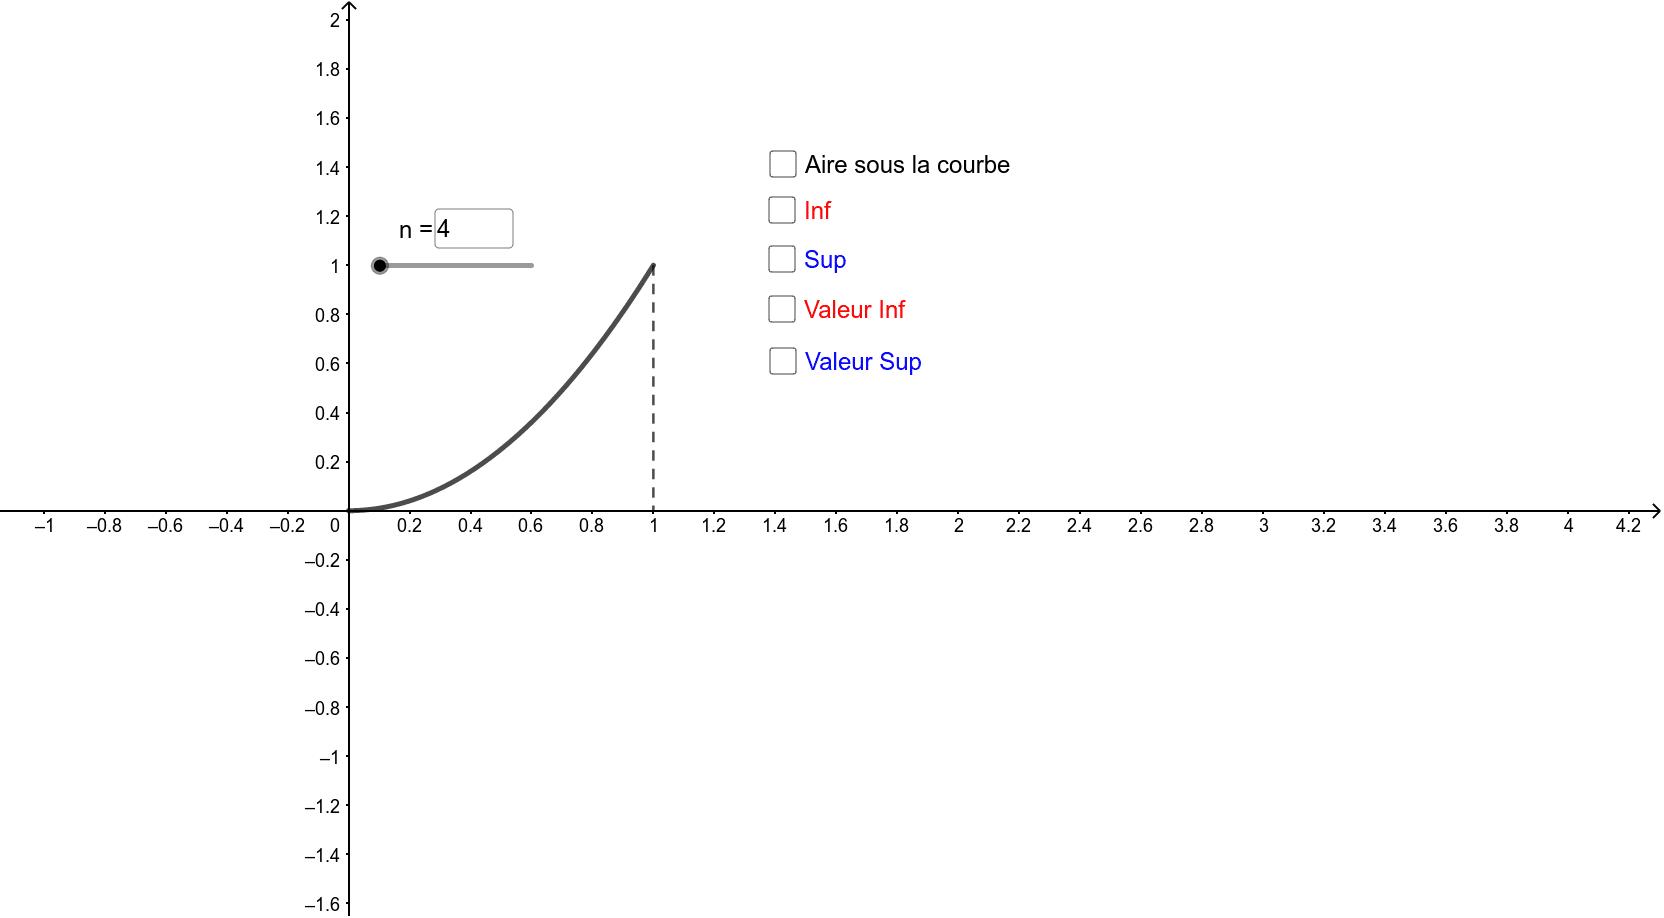 """f est la fonction définie sur [0 ; 1] par f(x) = x². On note C sa courbe représentative. Déterminons l'aire du domaine délimité par la courbe C, l'axe des abscisses et les droites d'équations x = 0 et x= 1 (c'est à dire l'aire sous la courbe de f). Tapez """"Entrée"""" pour démarrer l'activité"""